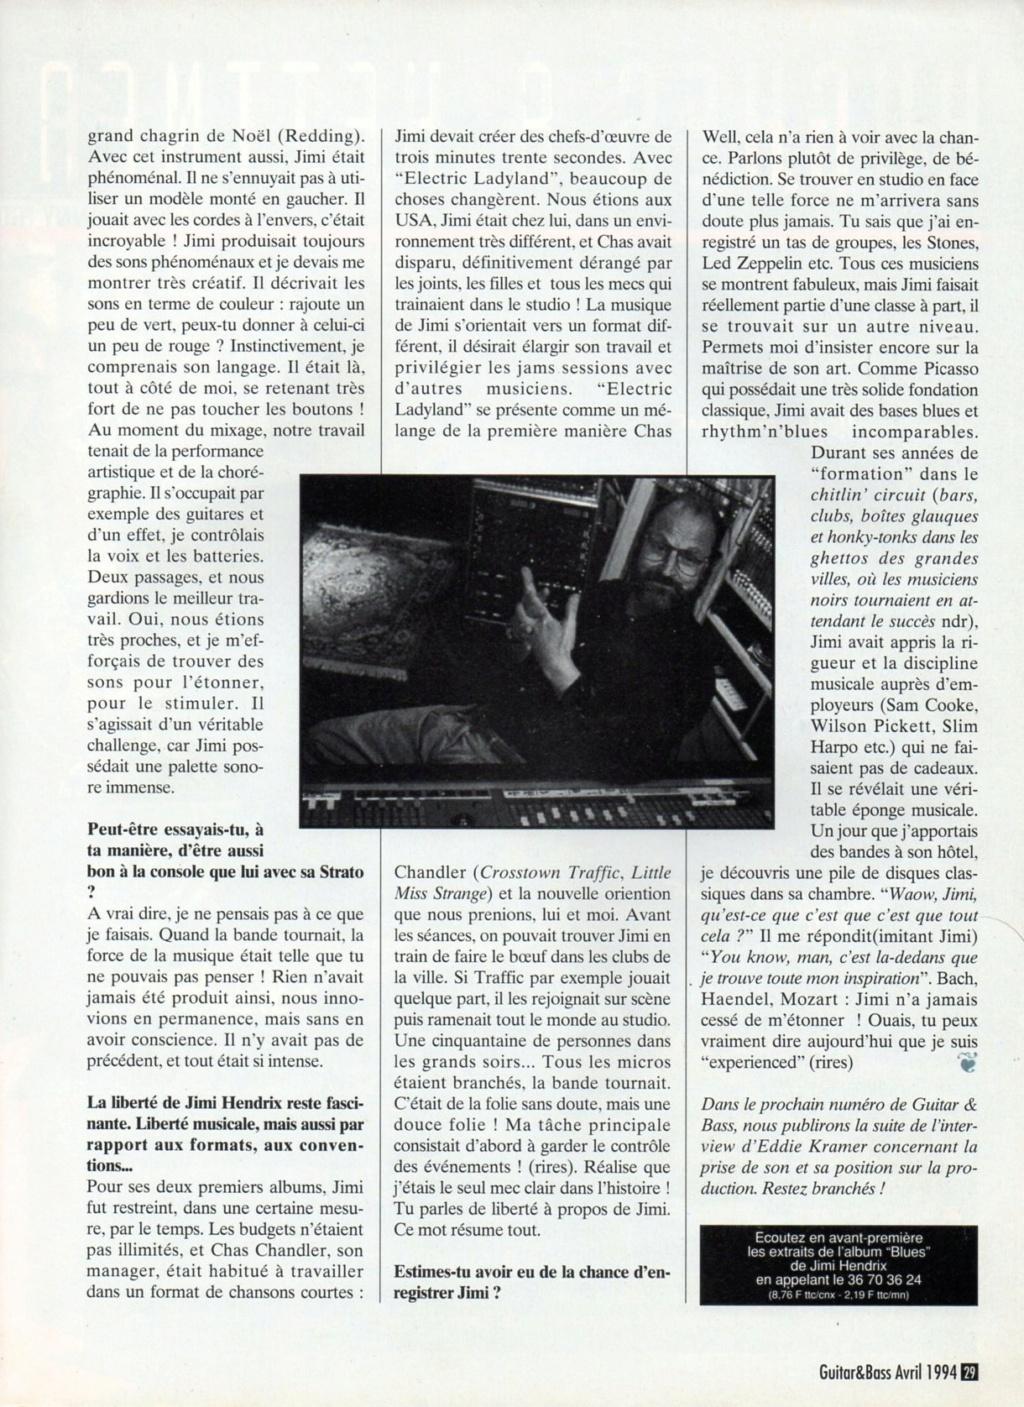 Magazines Français 1989 - 2014 - Page 2 Guitar30